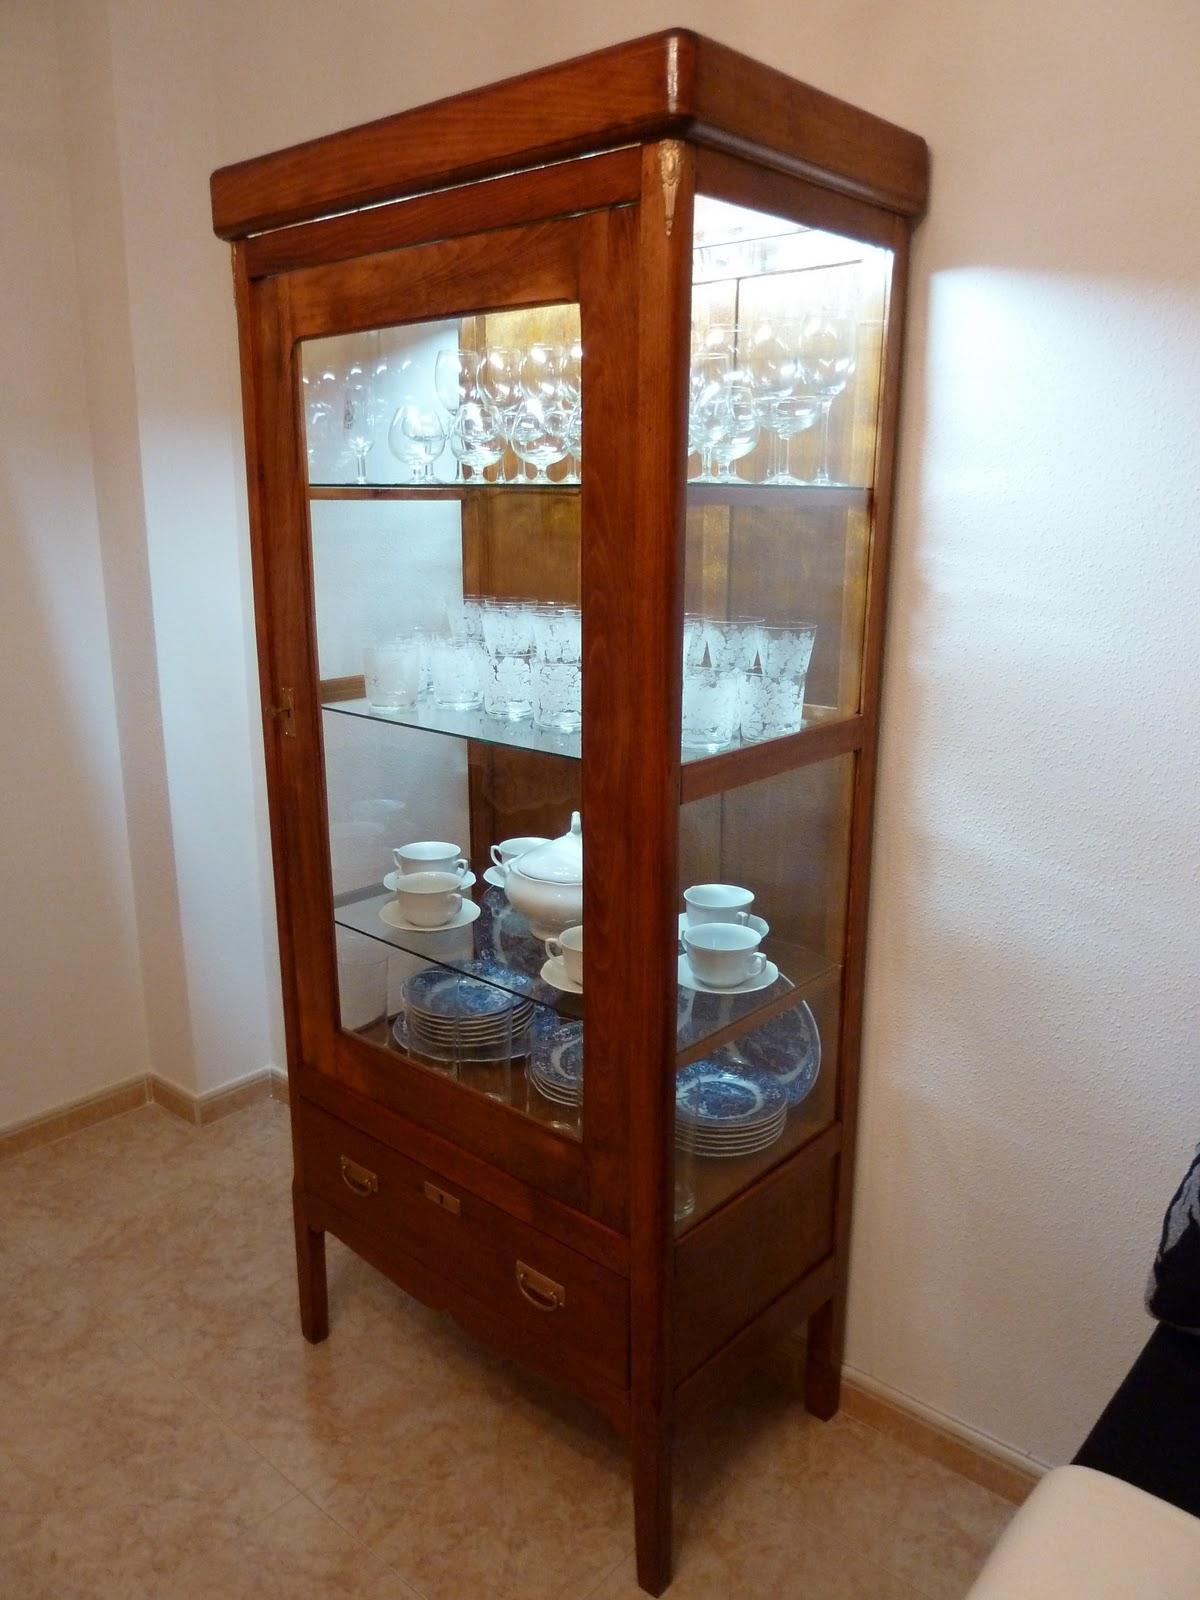 Crear restaurar y reciclar armario restaurado - Restaurar armario antiguo ...